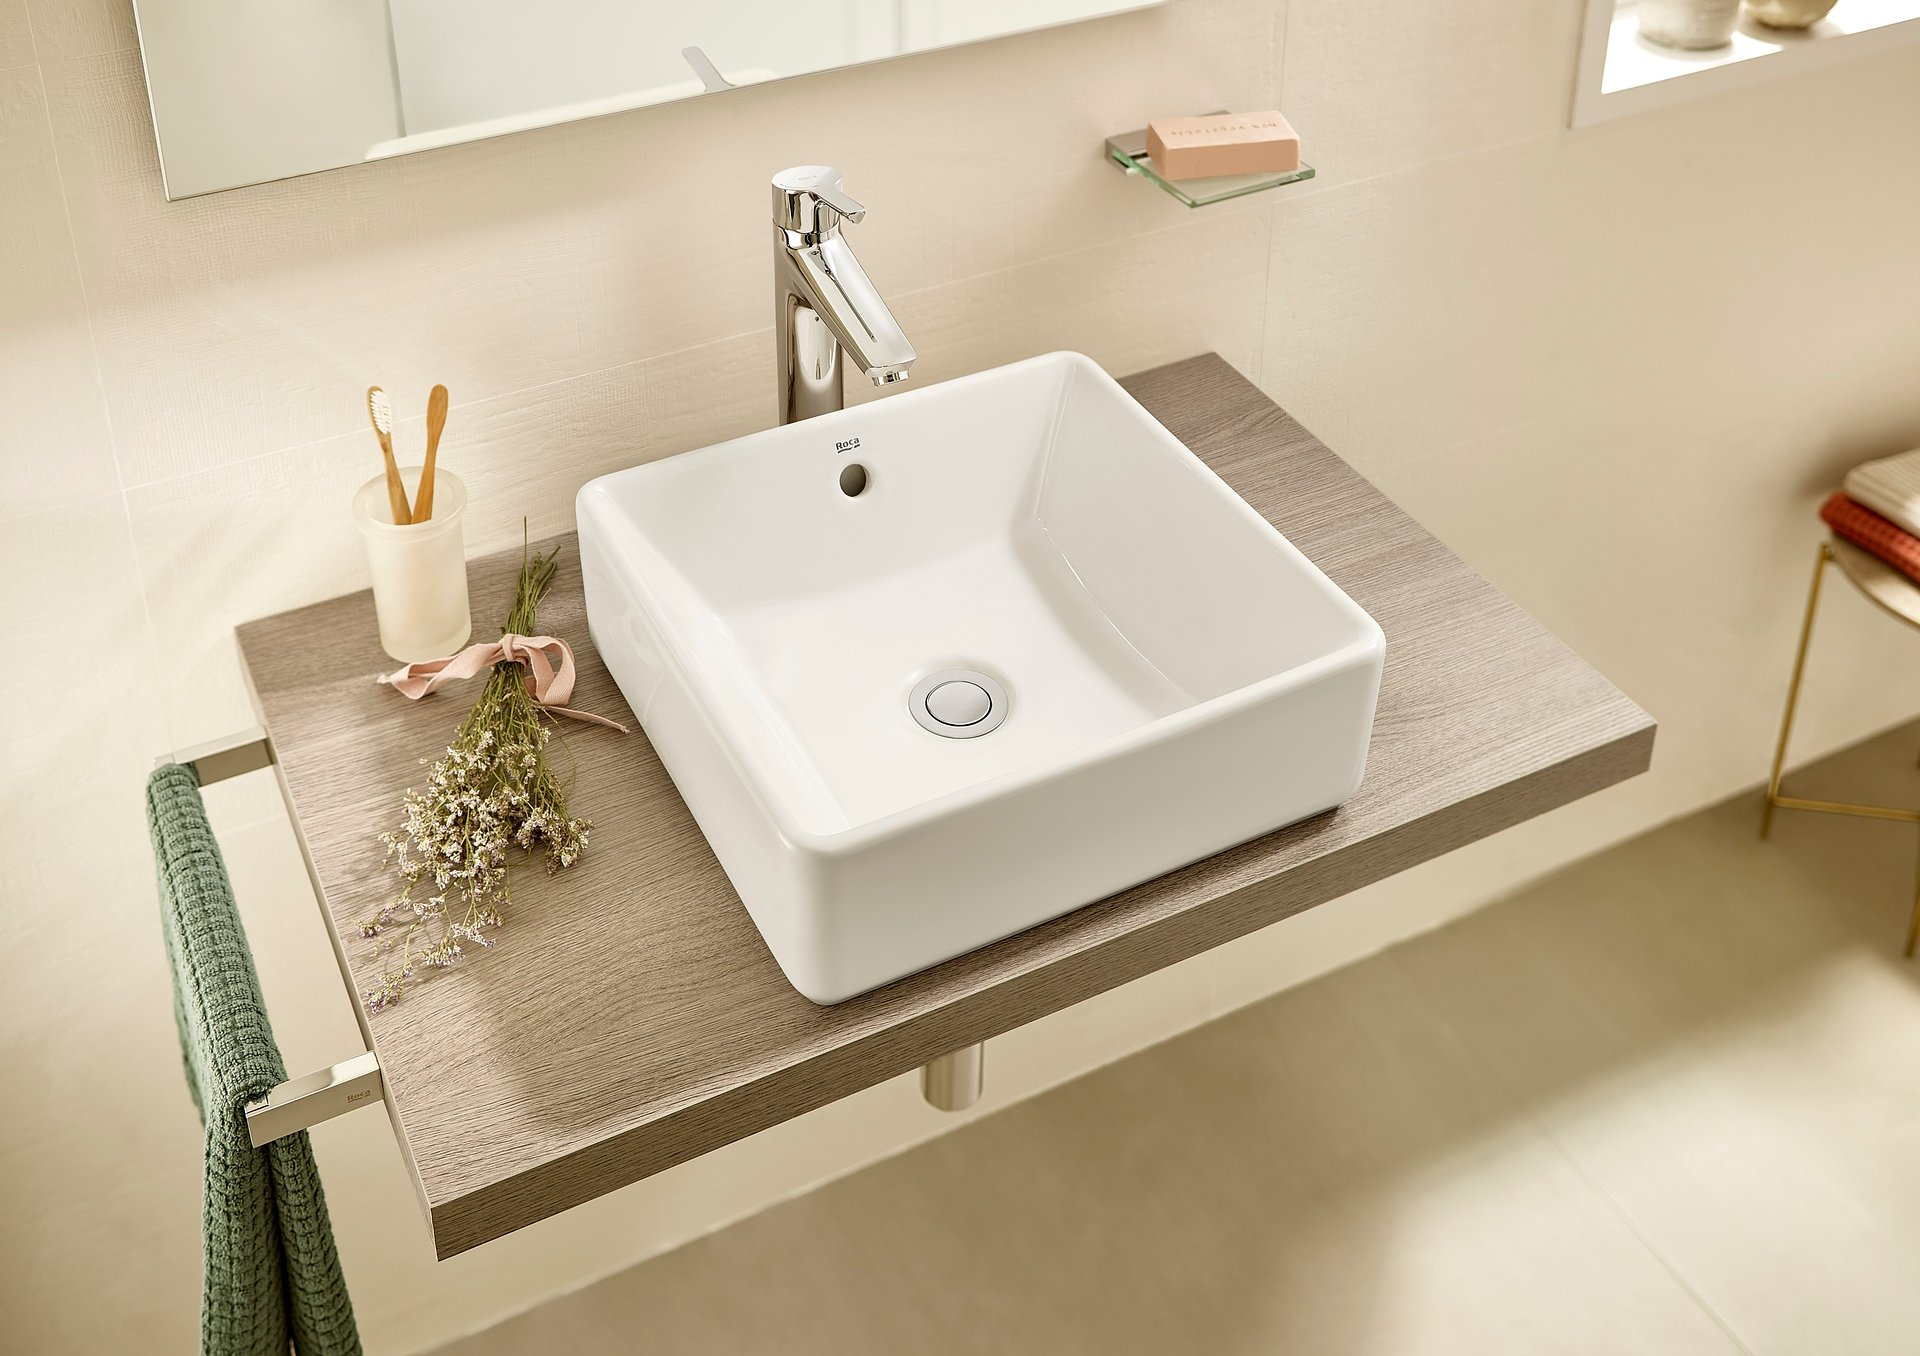 Seria Gap wciąż zaskakuje. Teraz w kolekcji nowe umywalki nablatowe.